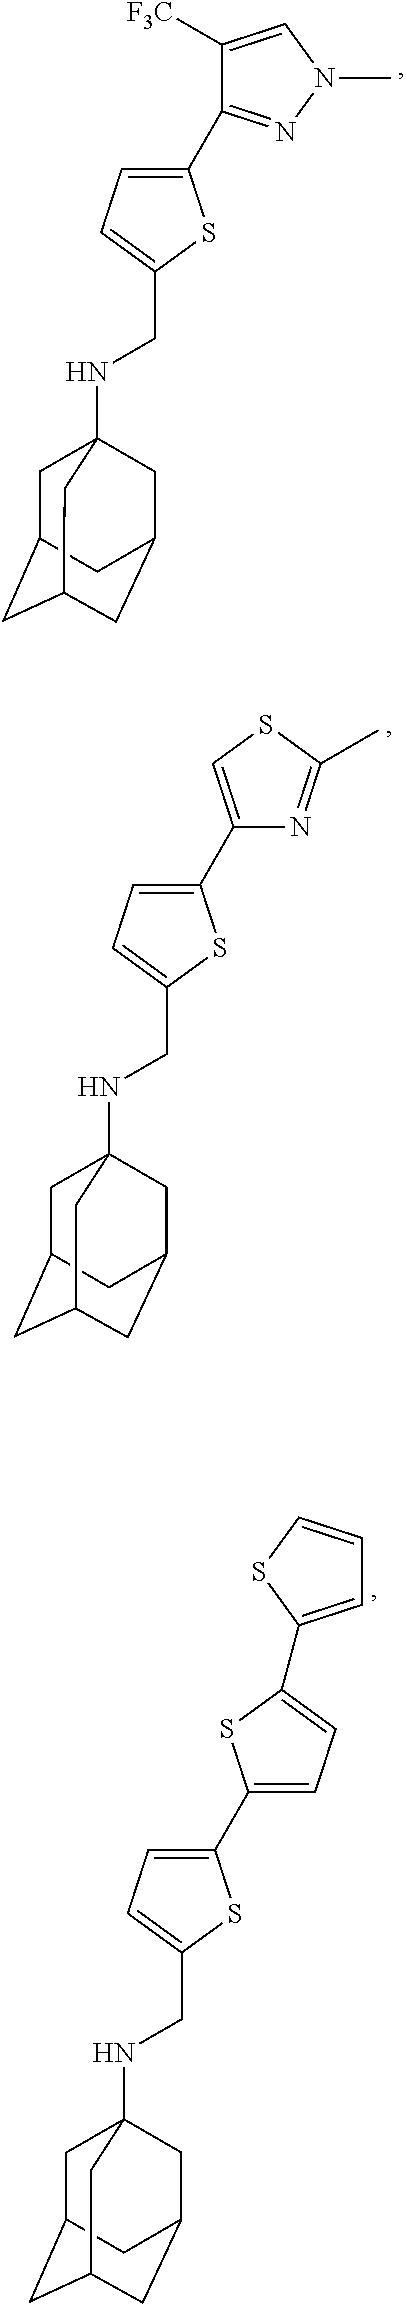 Figure US09884832-20180206-C00163